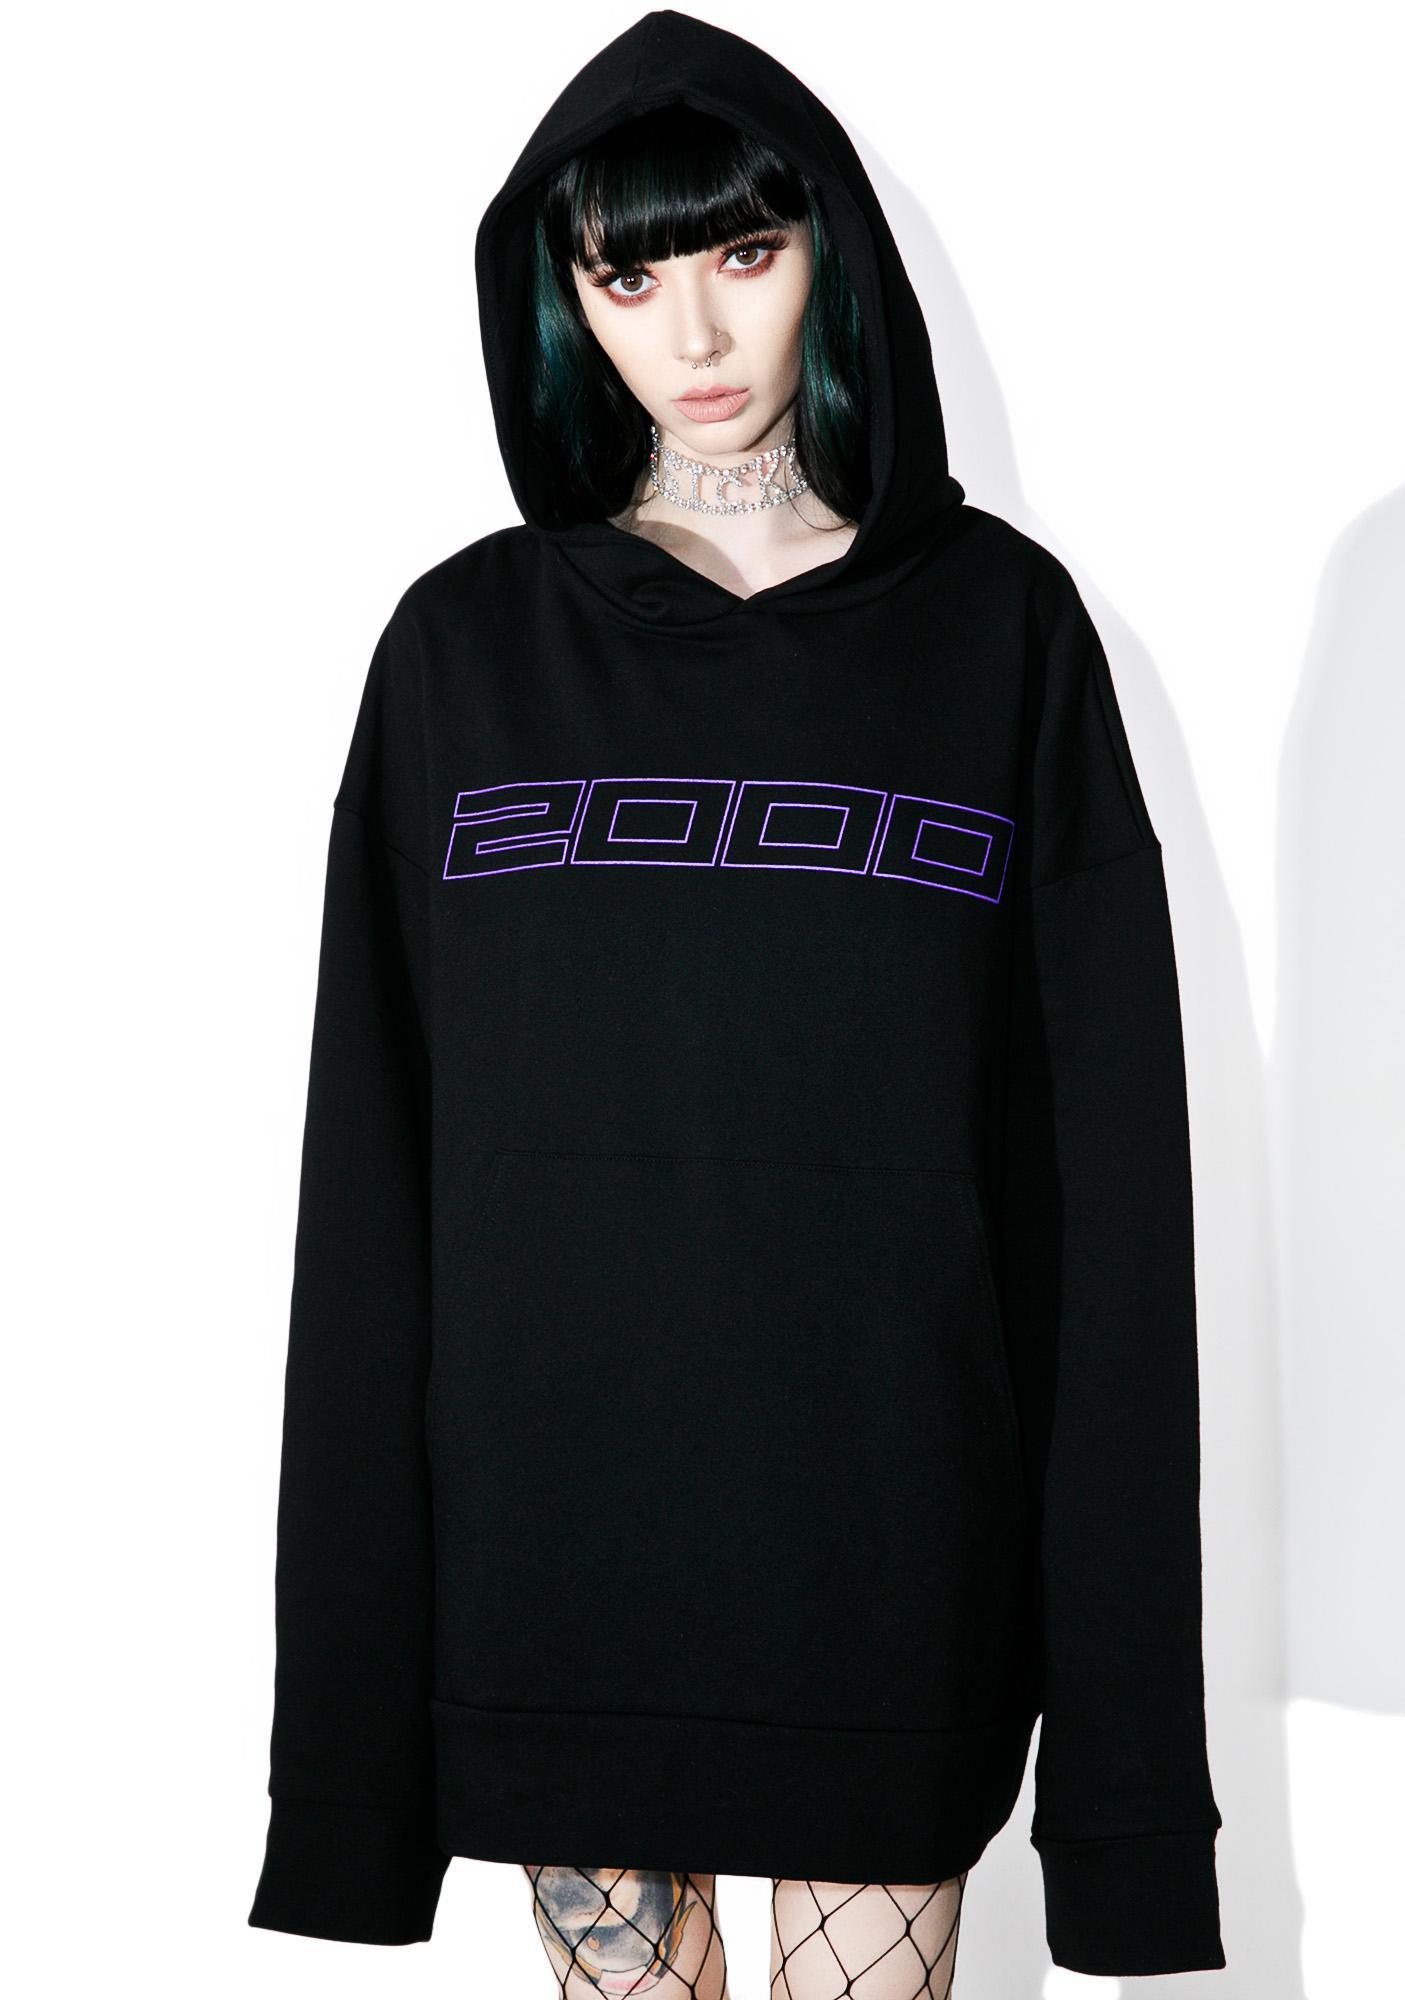 Brashy 2000 Hoodie